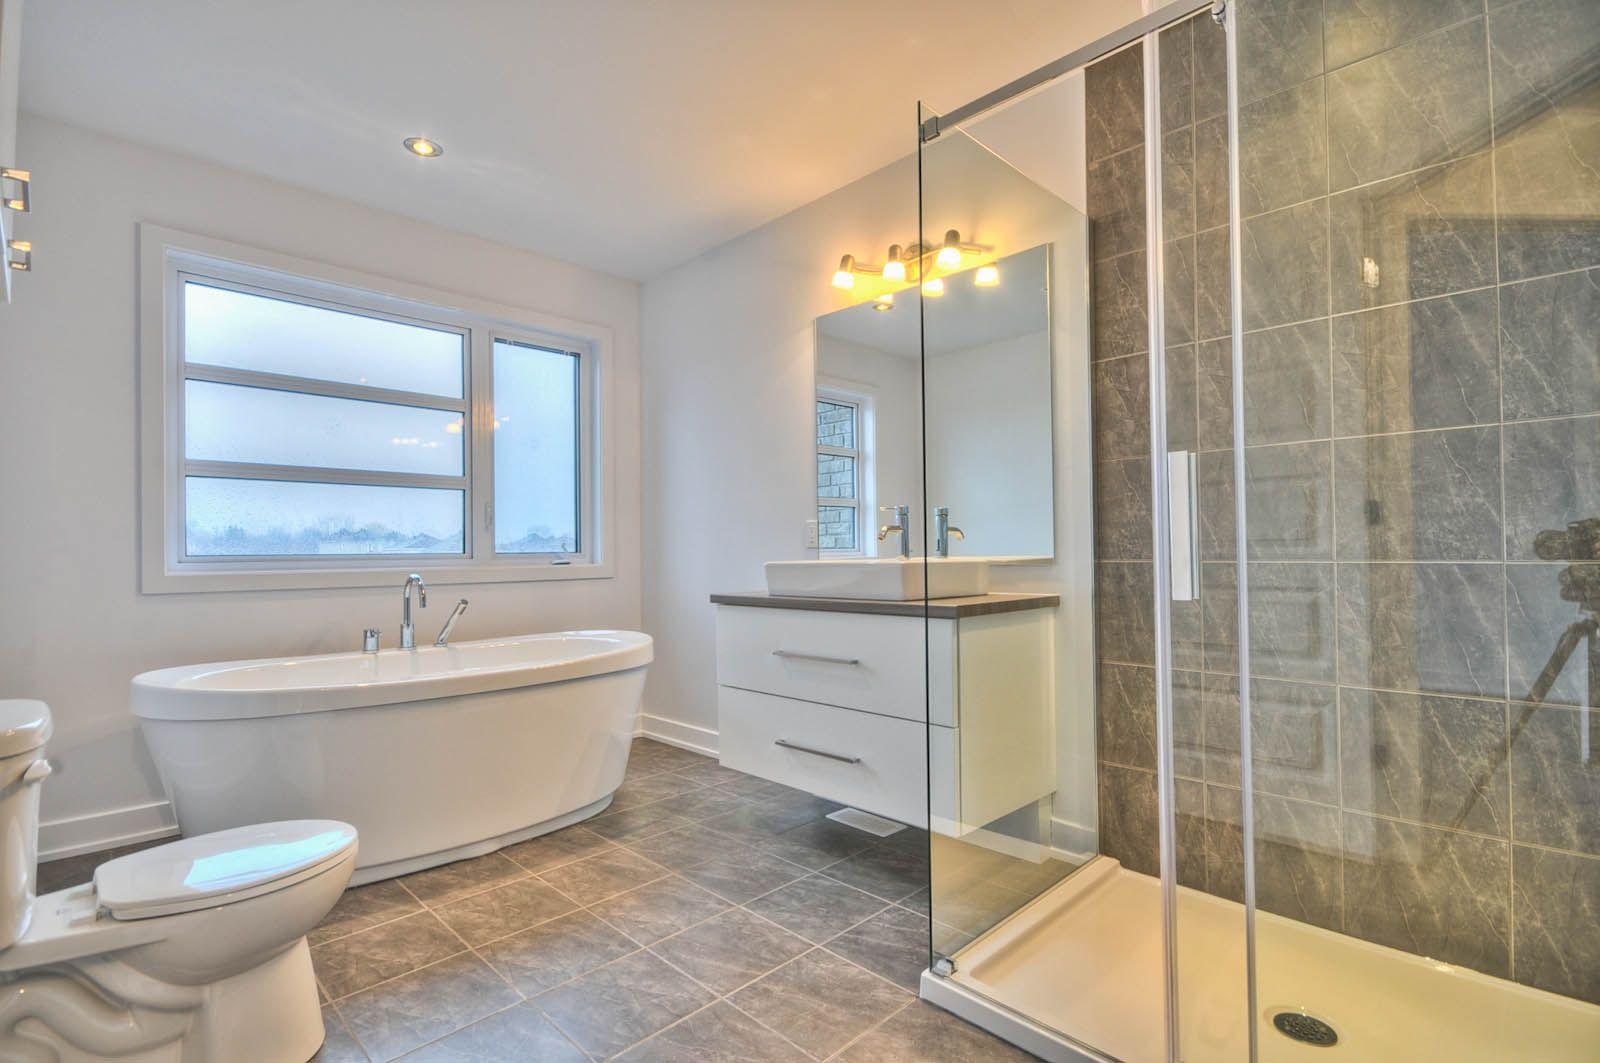 Salle de bain avec bain autoportant et douche en céramique ...